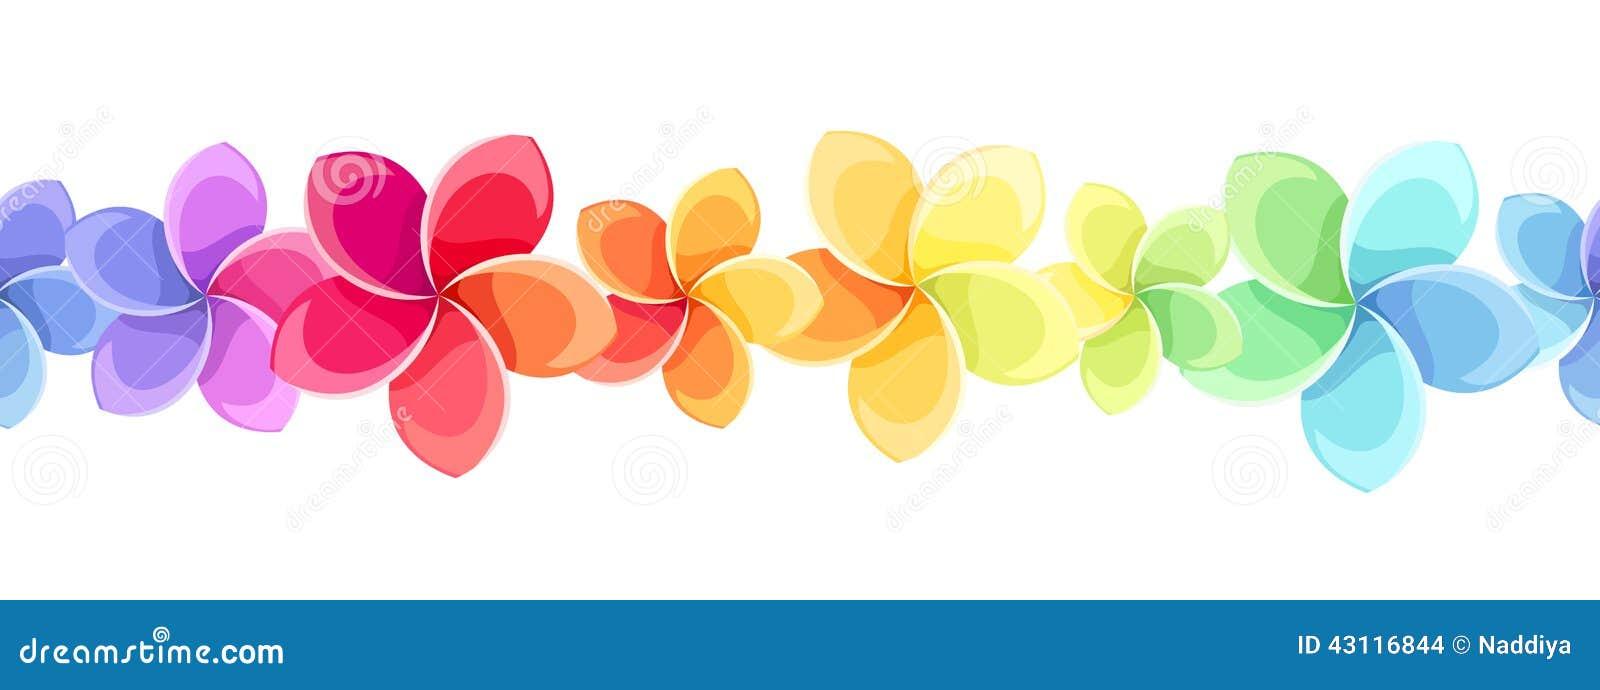 Flores Horizontales Dibujos Animados Patrón De Fondo: Fond Sans Couture Horizontal Avec Les Fleurs Colorées